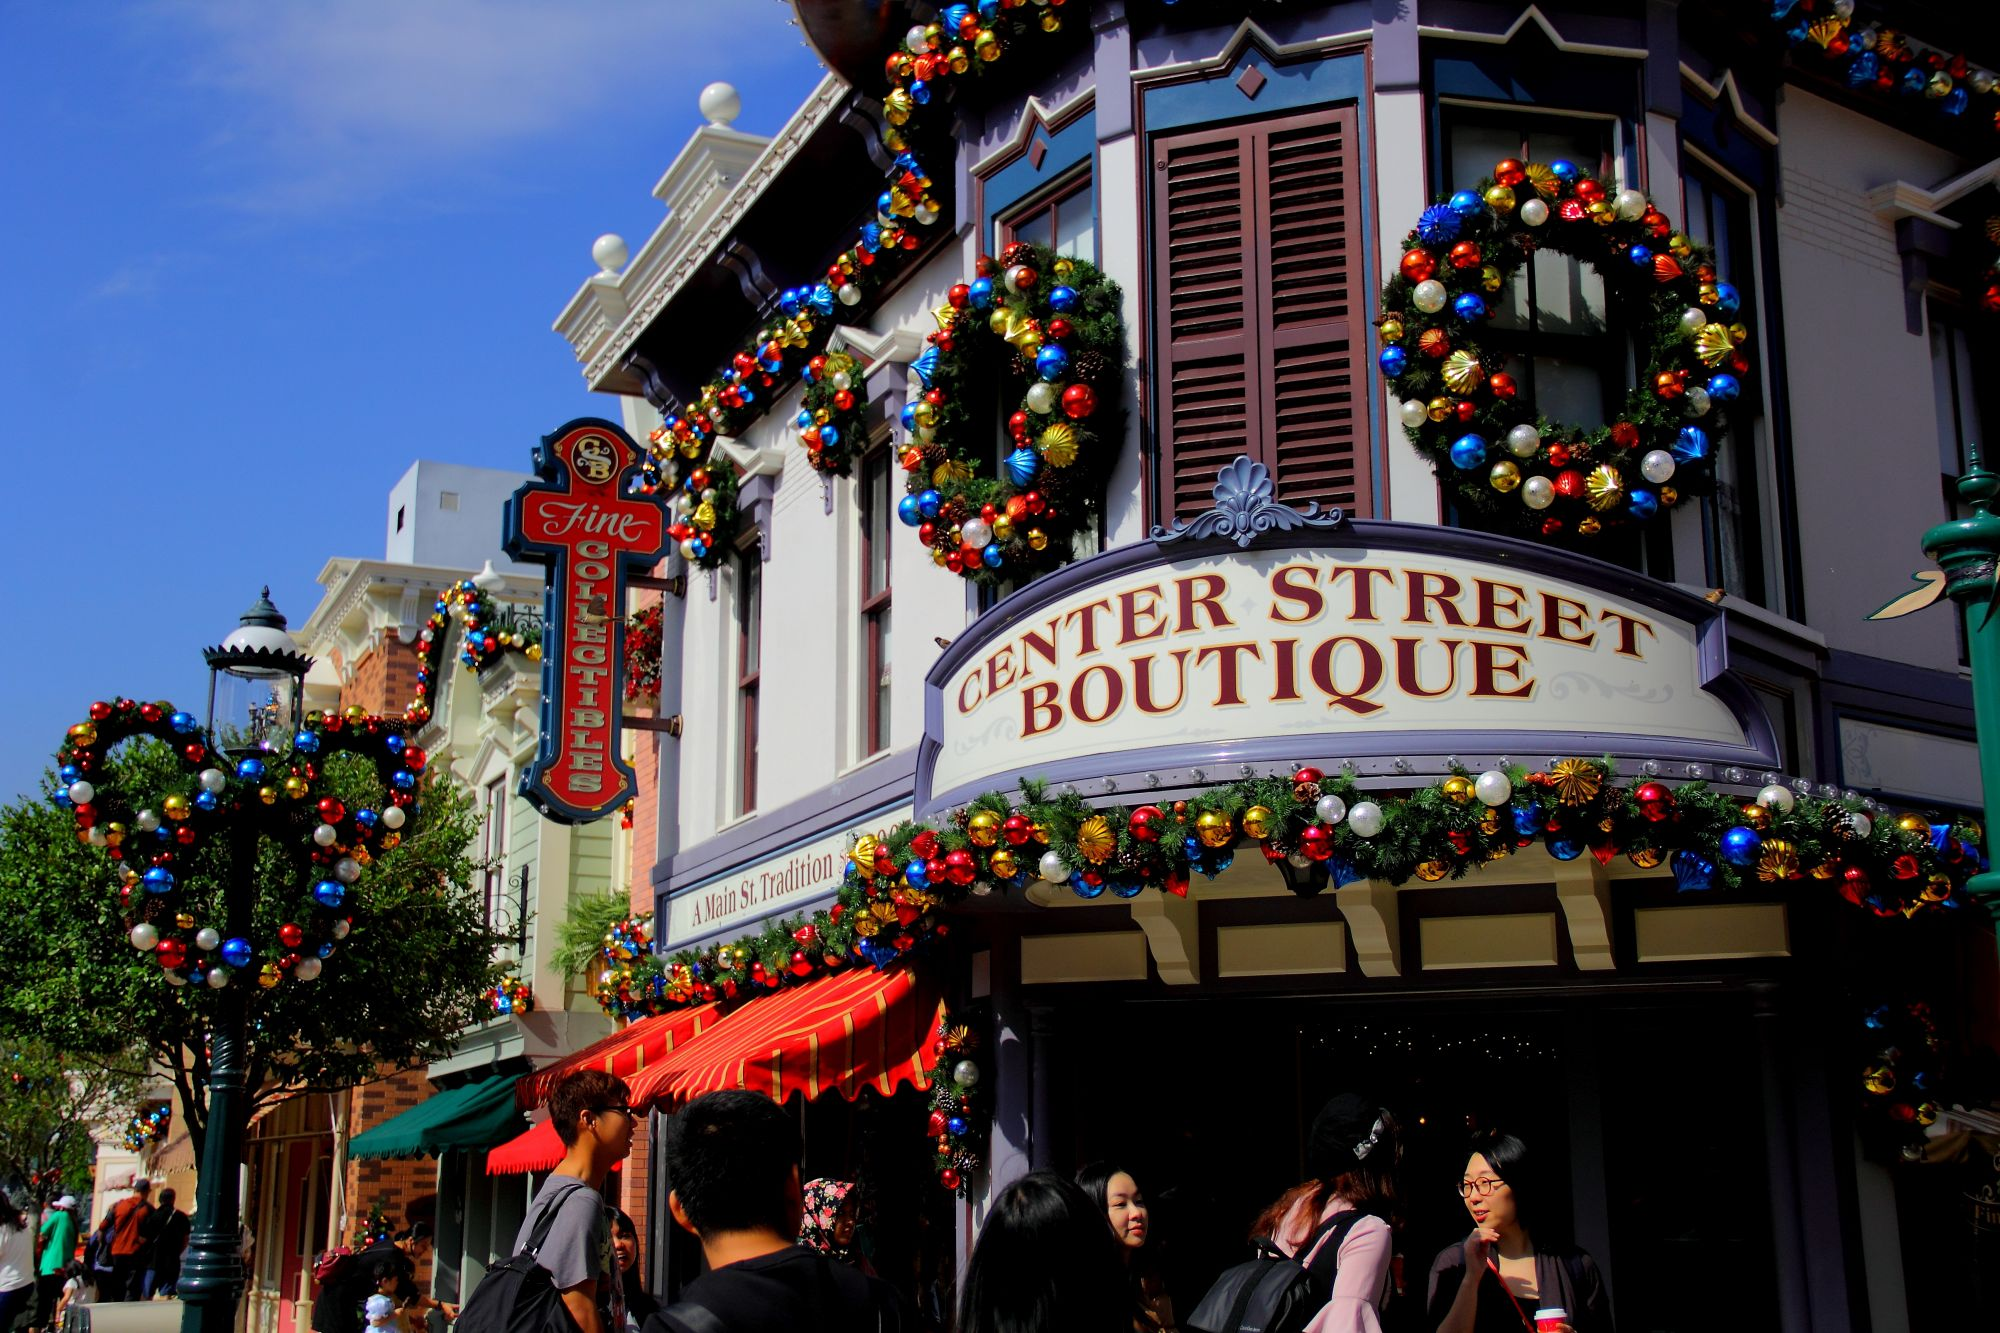 香港迪士尼12月2日起暂停开放,受疫情影响关闭14天